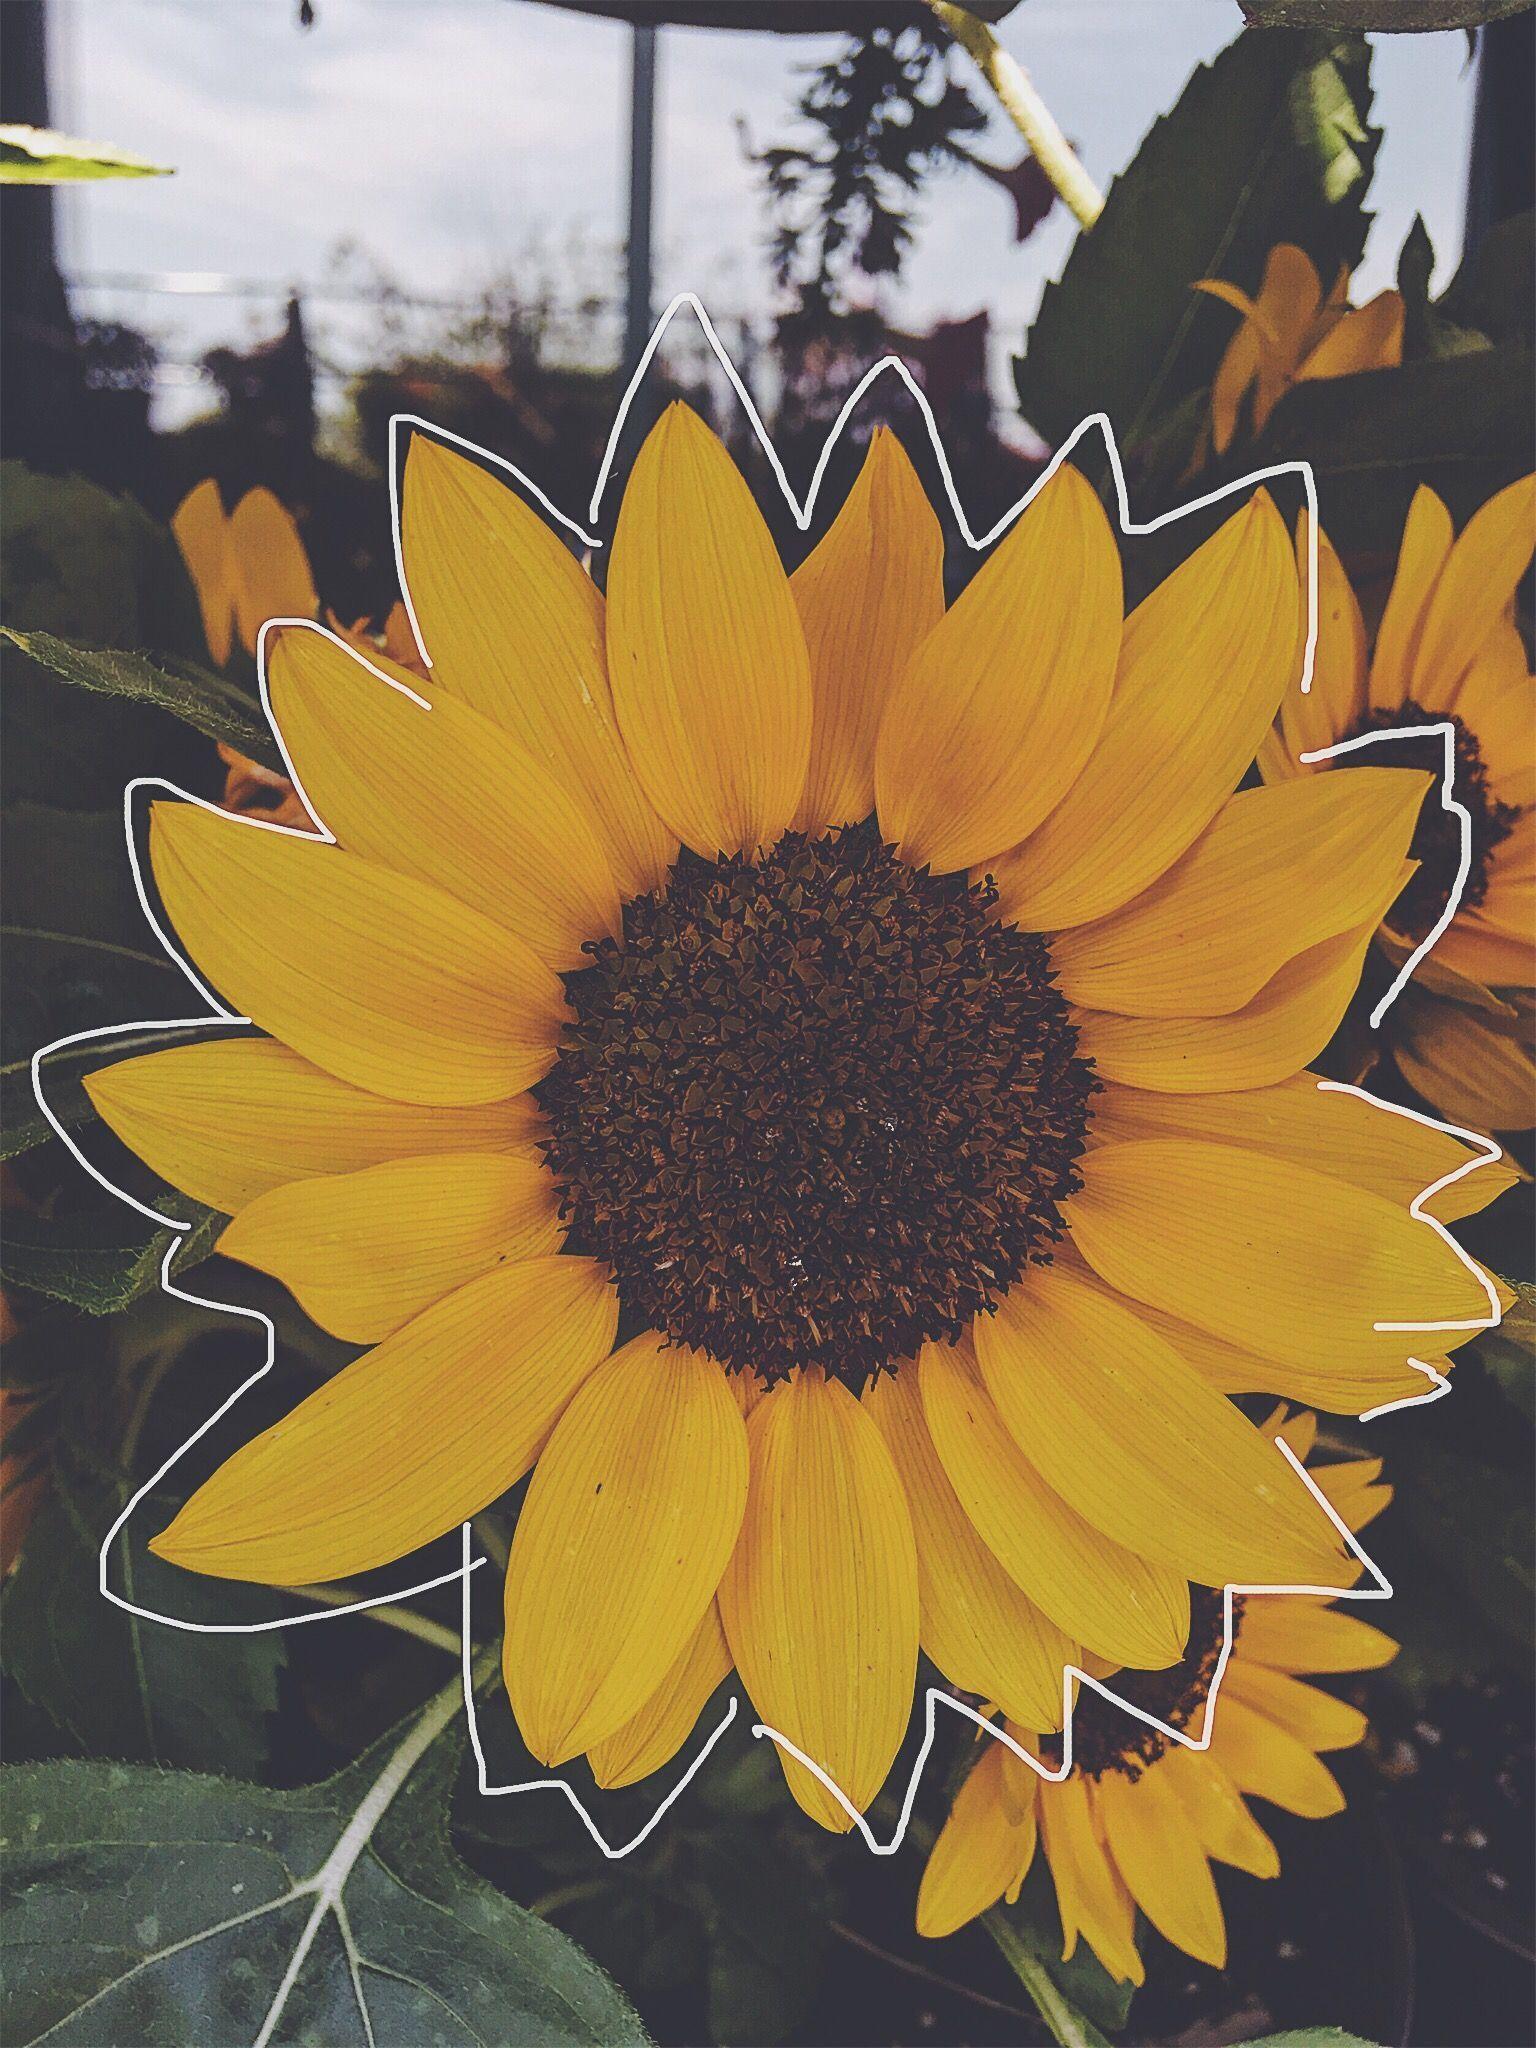 Vsco Flower Wallpapers Top Free Vsco Flower Backgrounds